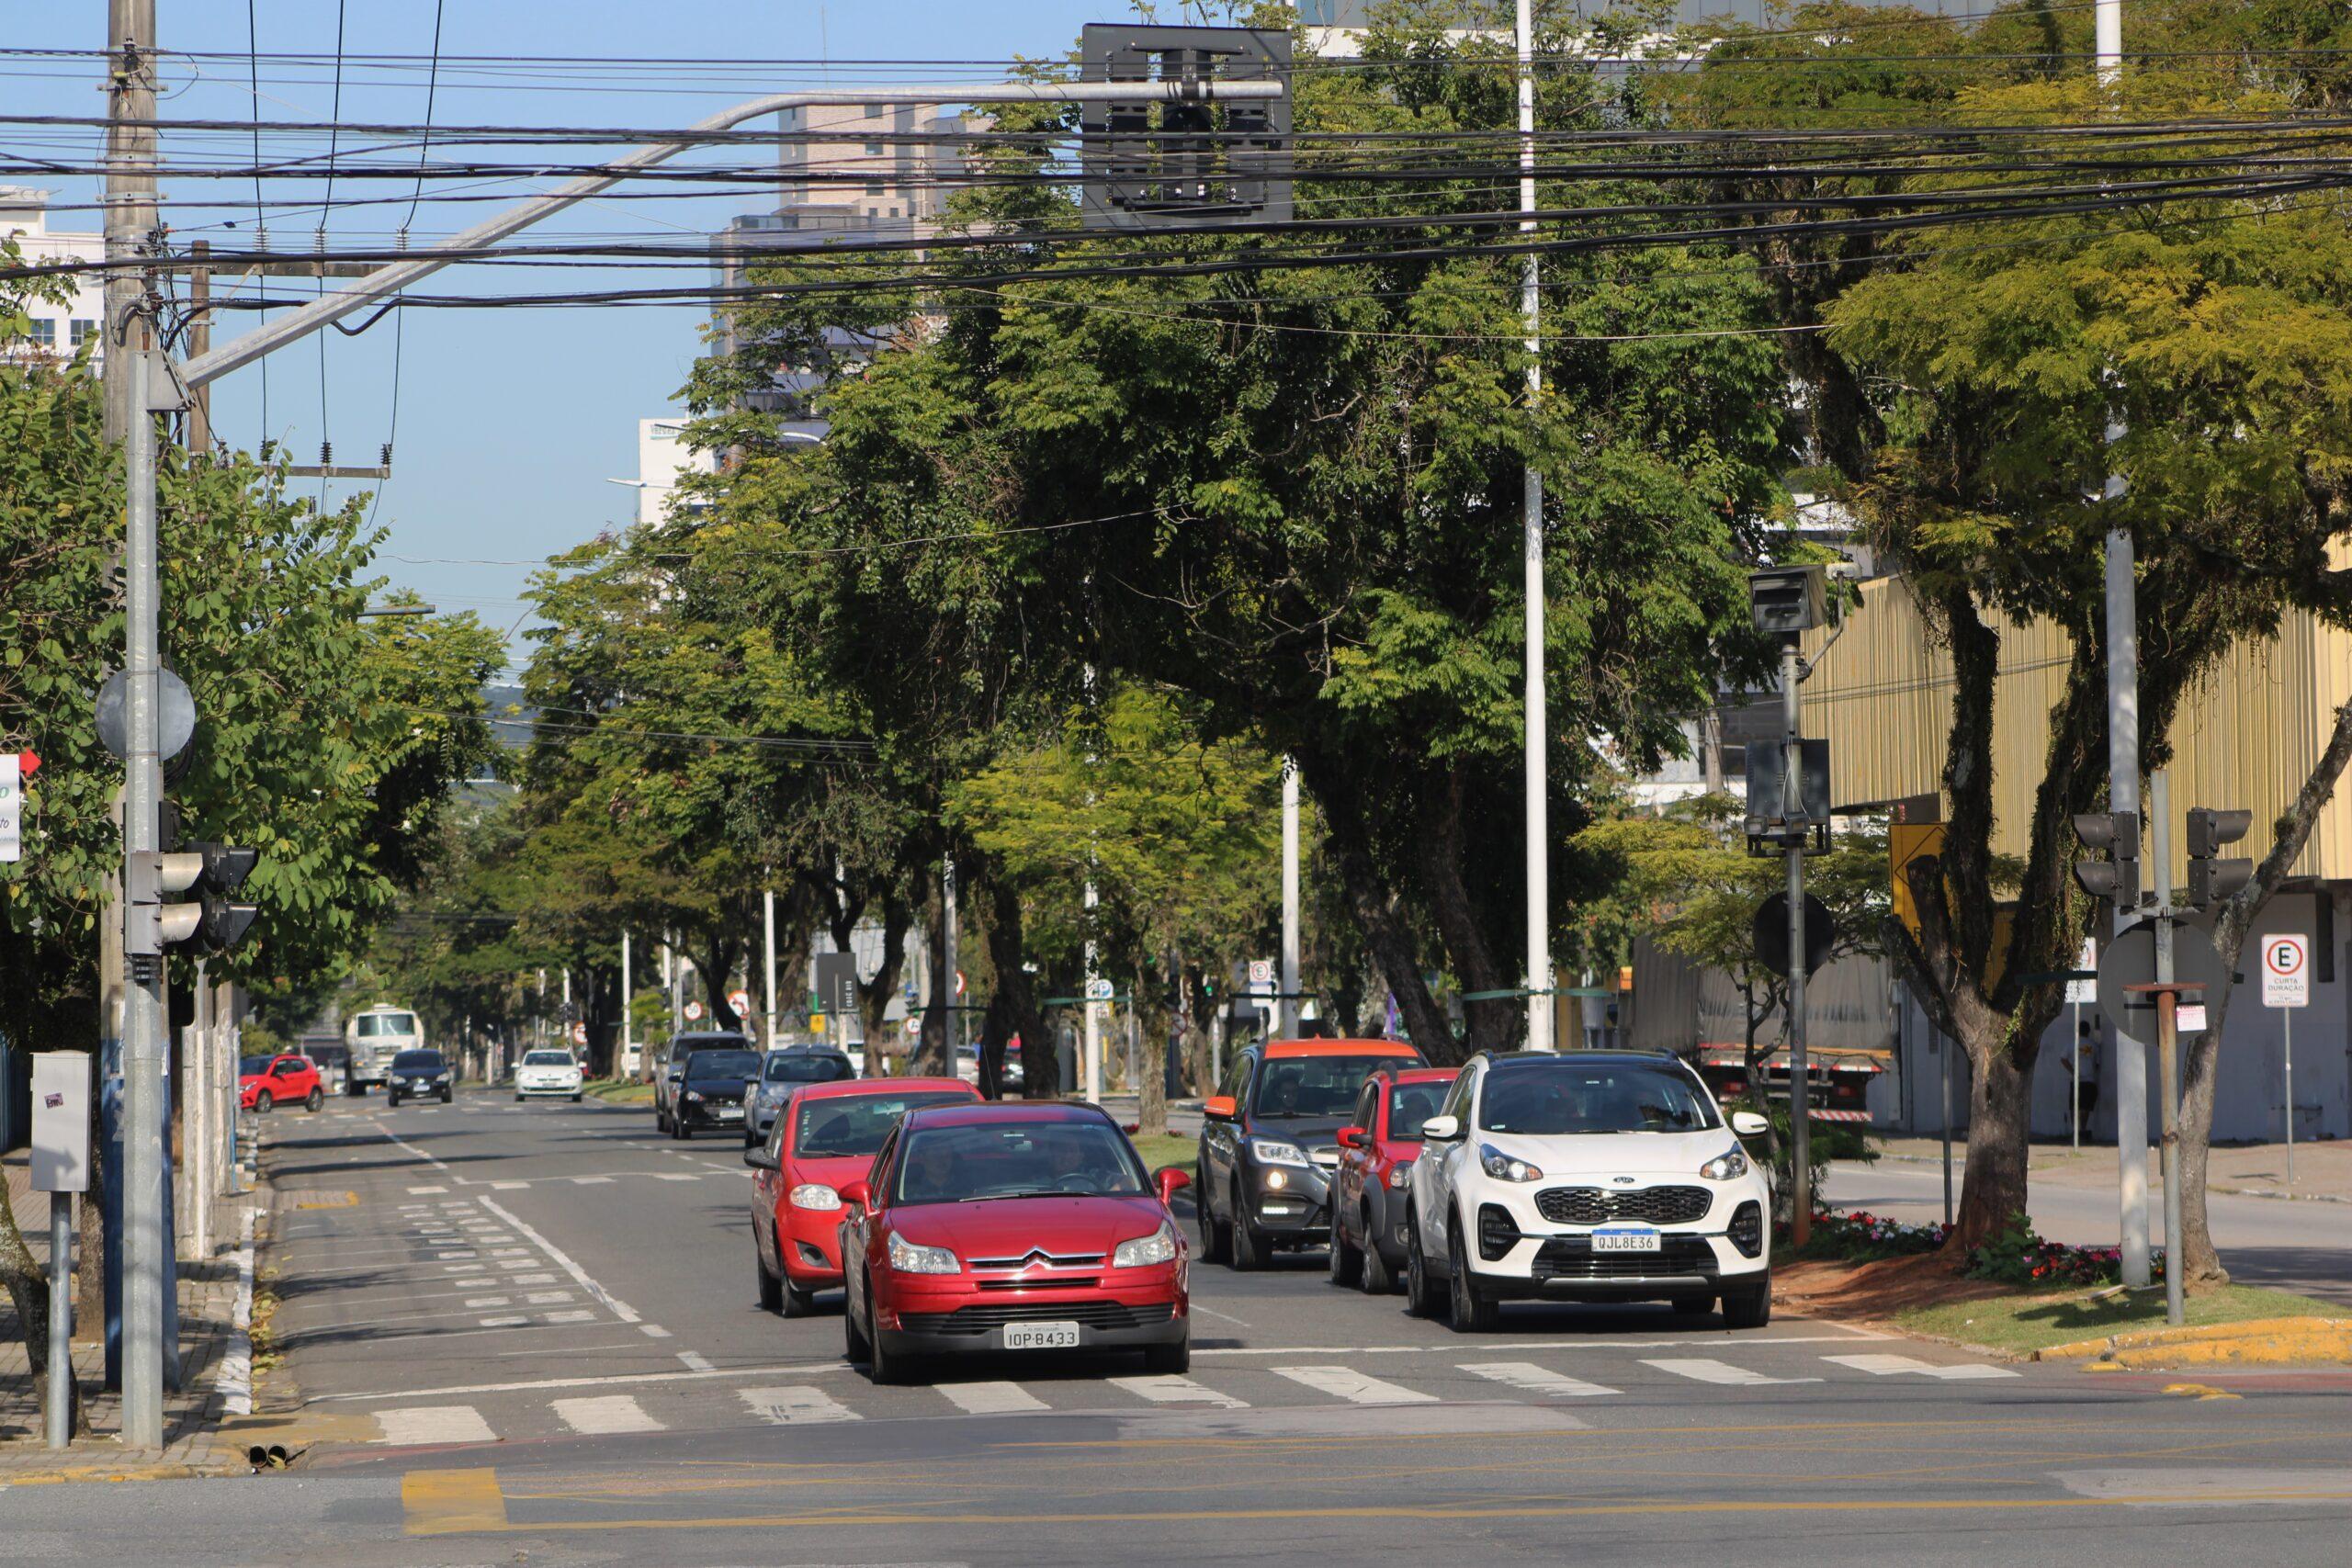 Trânsito de Itajaí: Novo binário das avenidas Marcos Konder e Sete de Setembro inicia nesta segunda